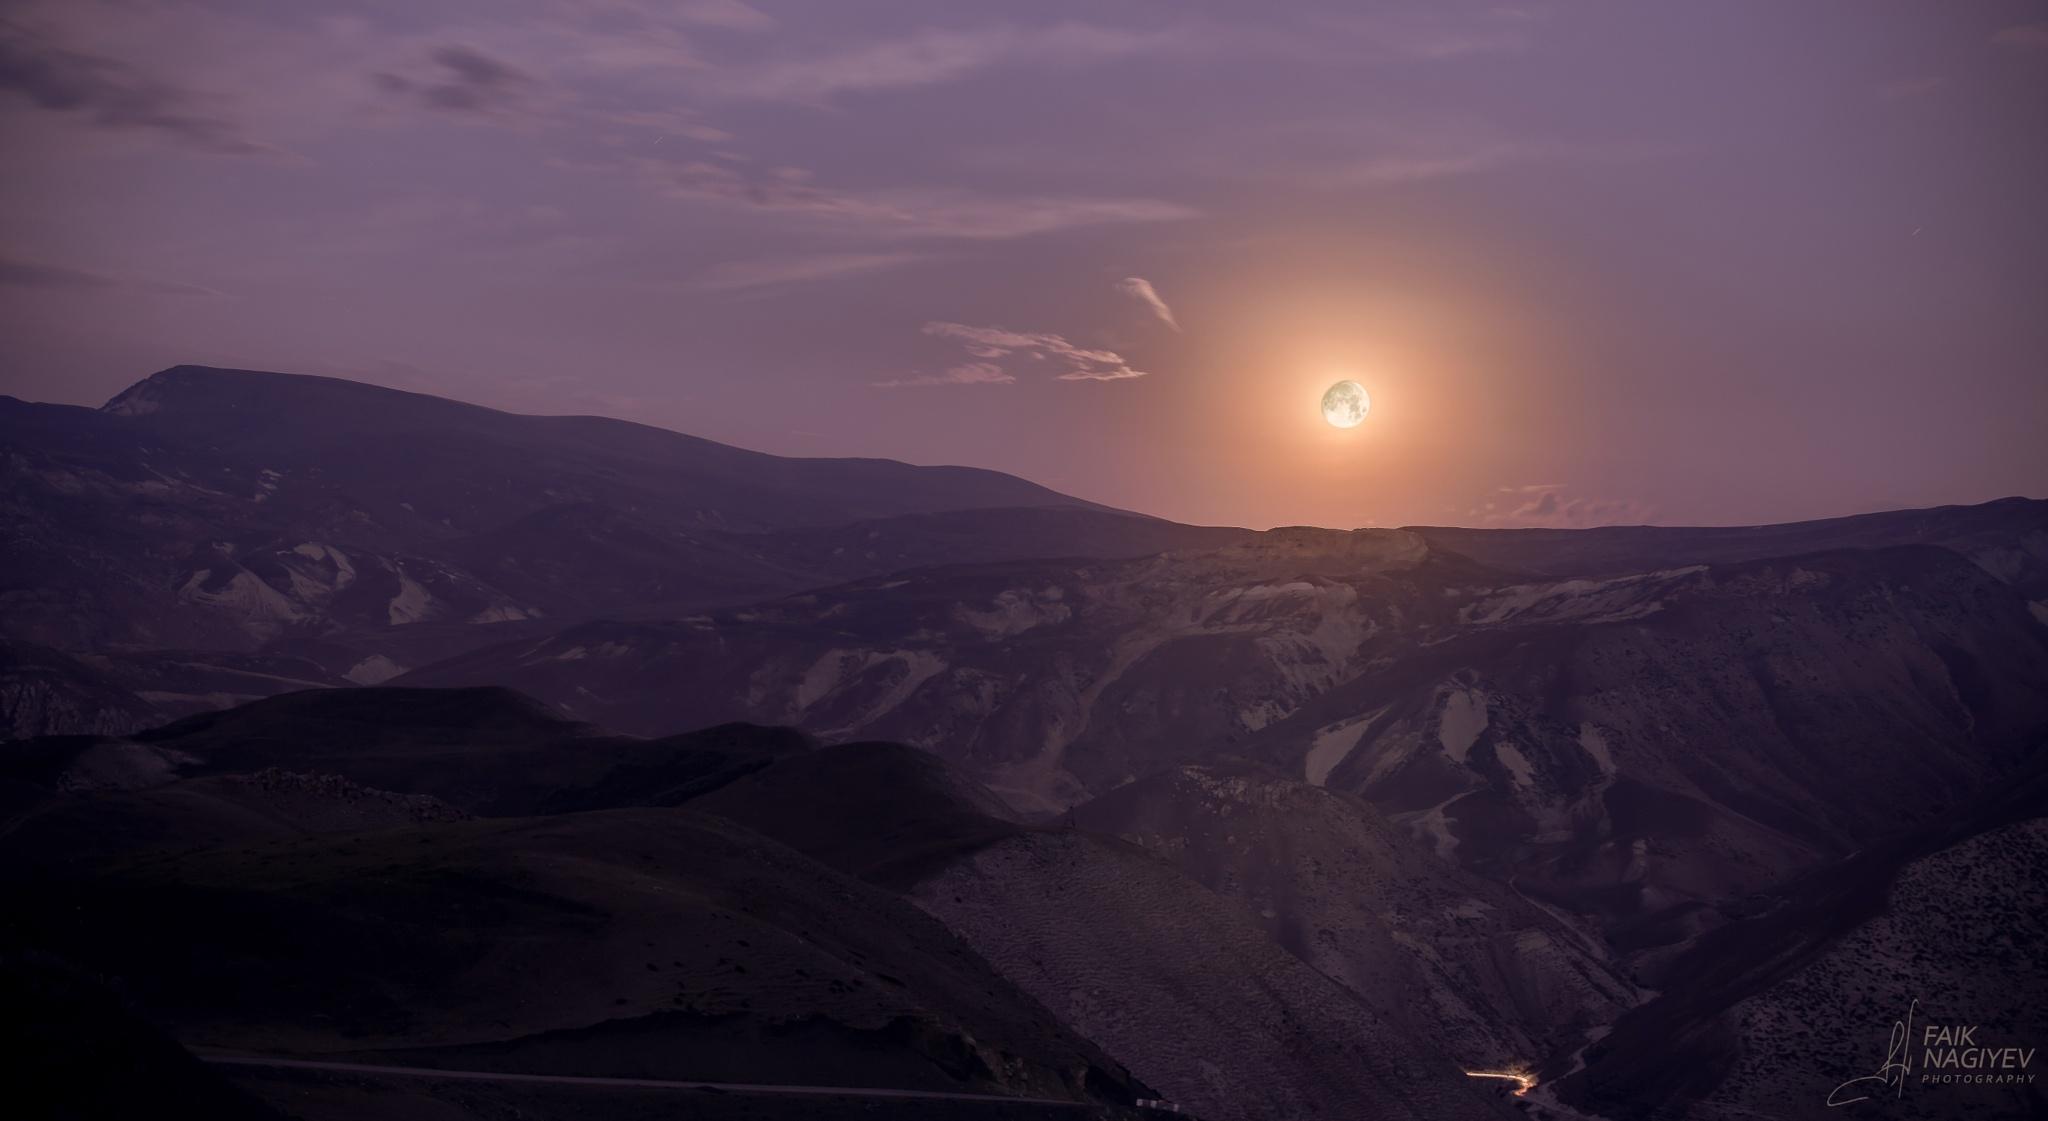 Moon in violet sky by Faik Nagiyev